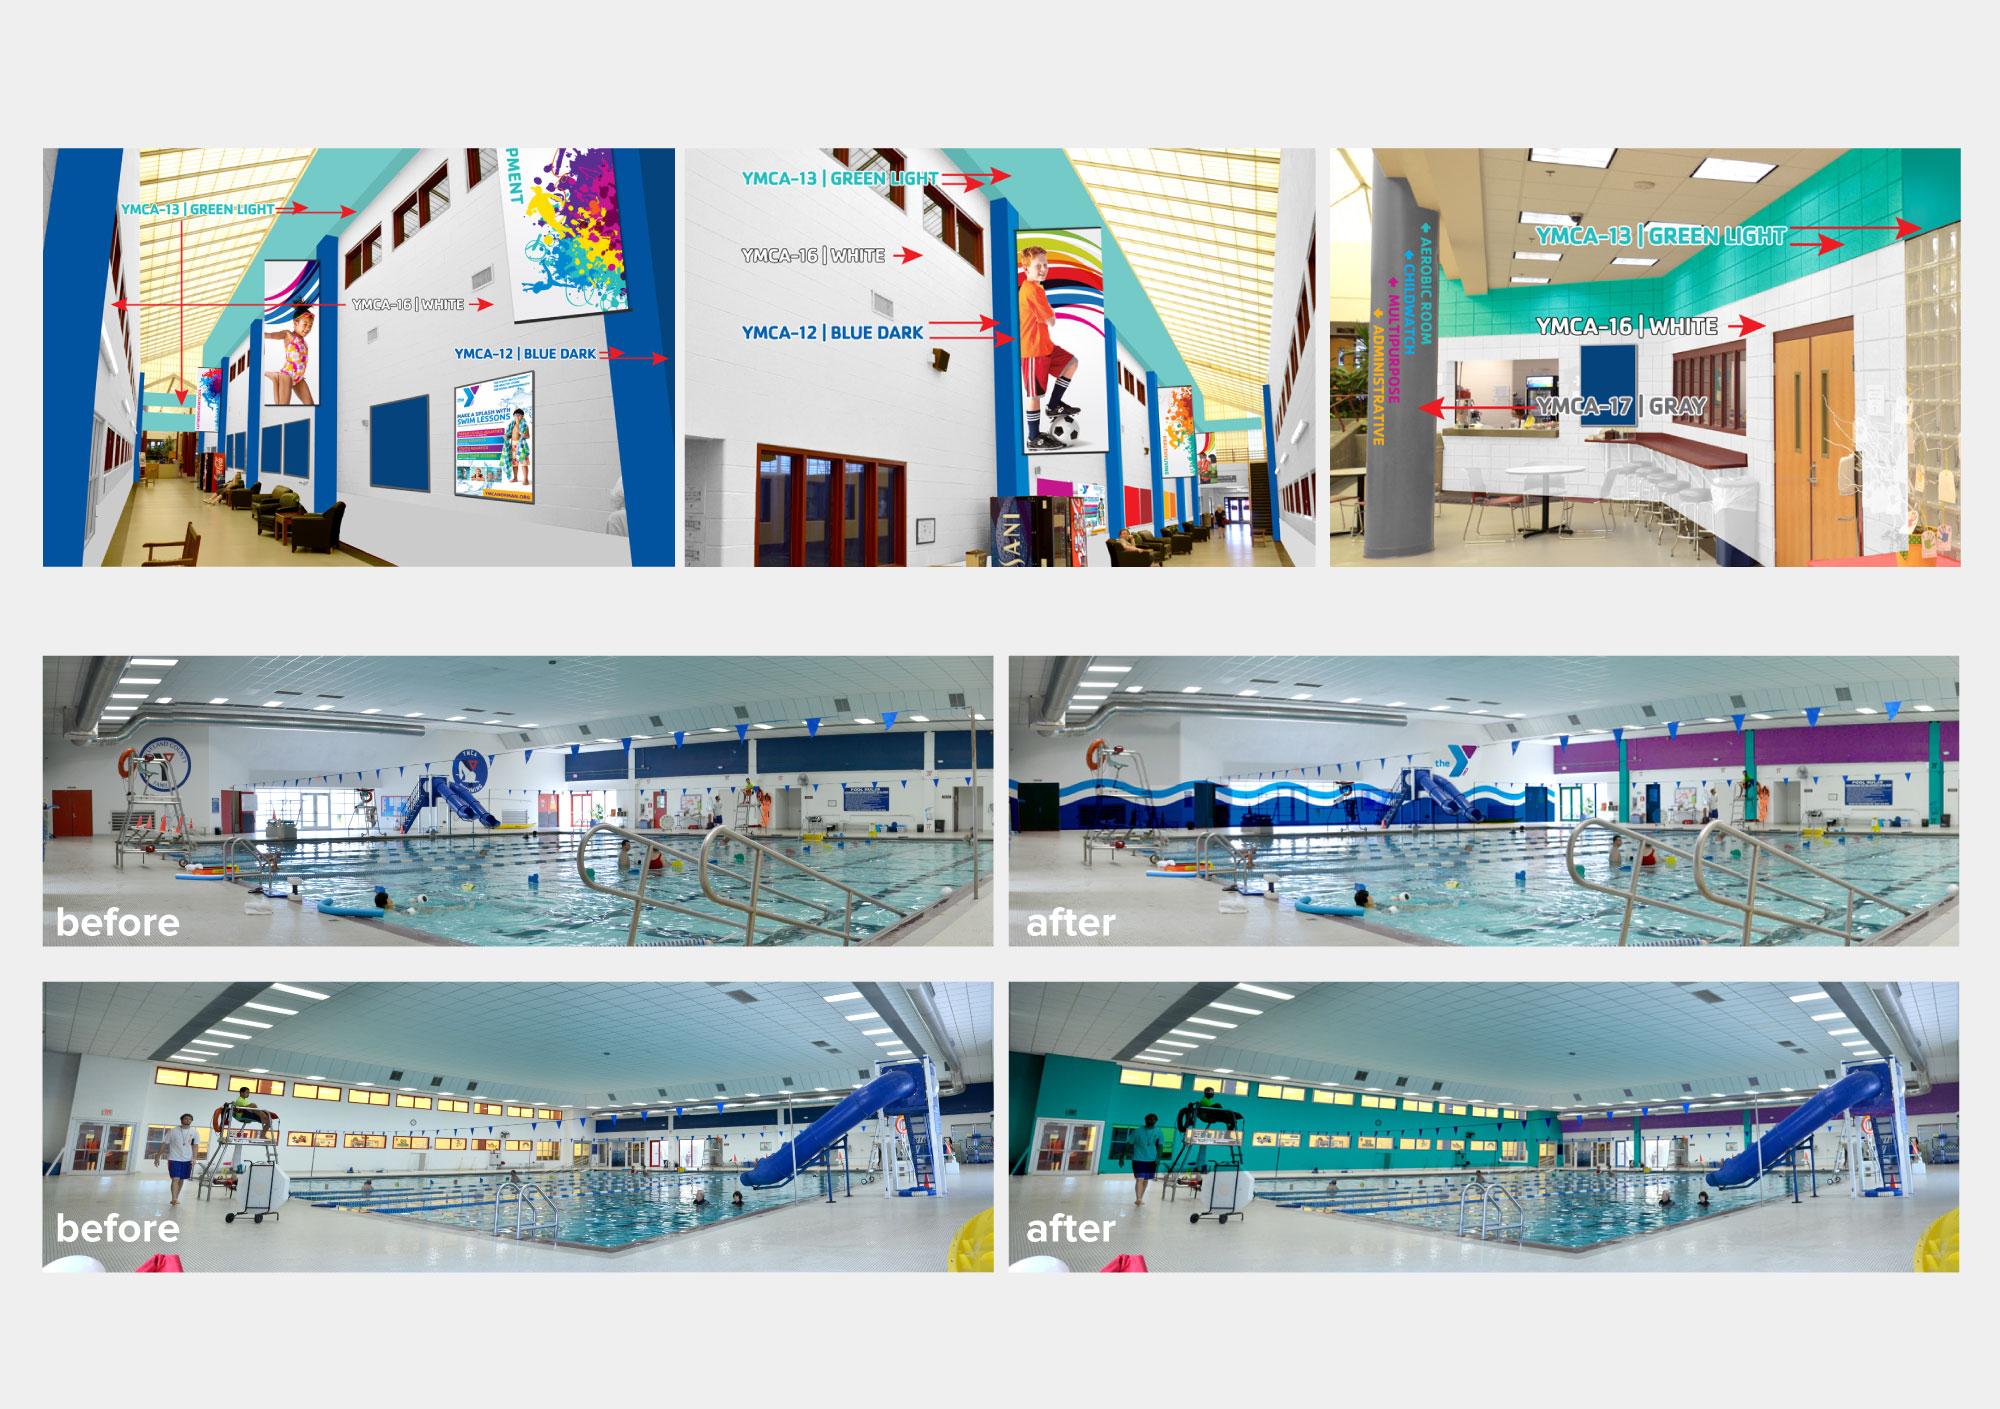 CCFYMCA Facility Update Photos